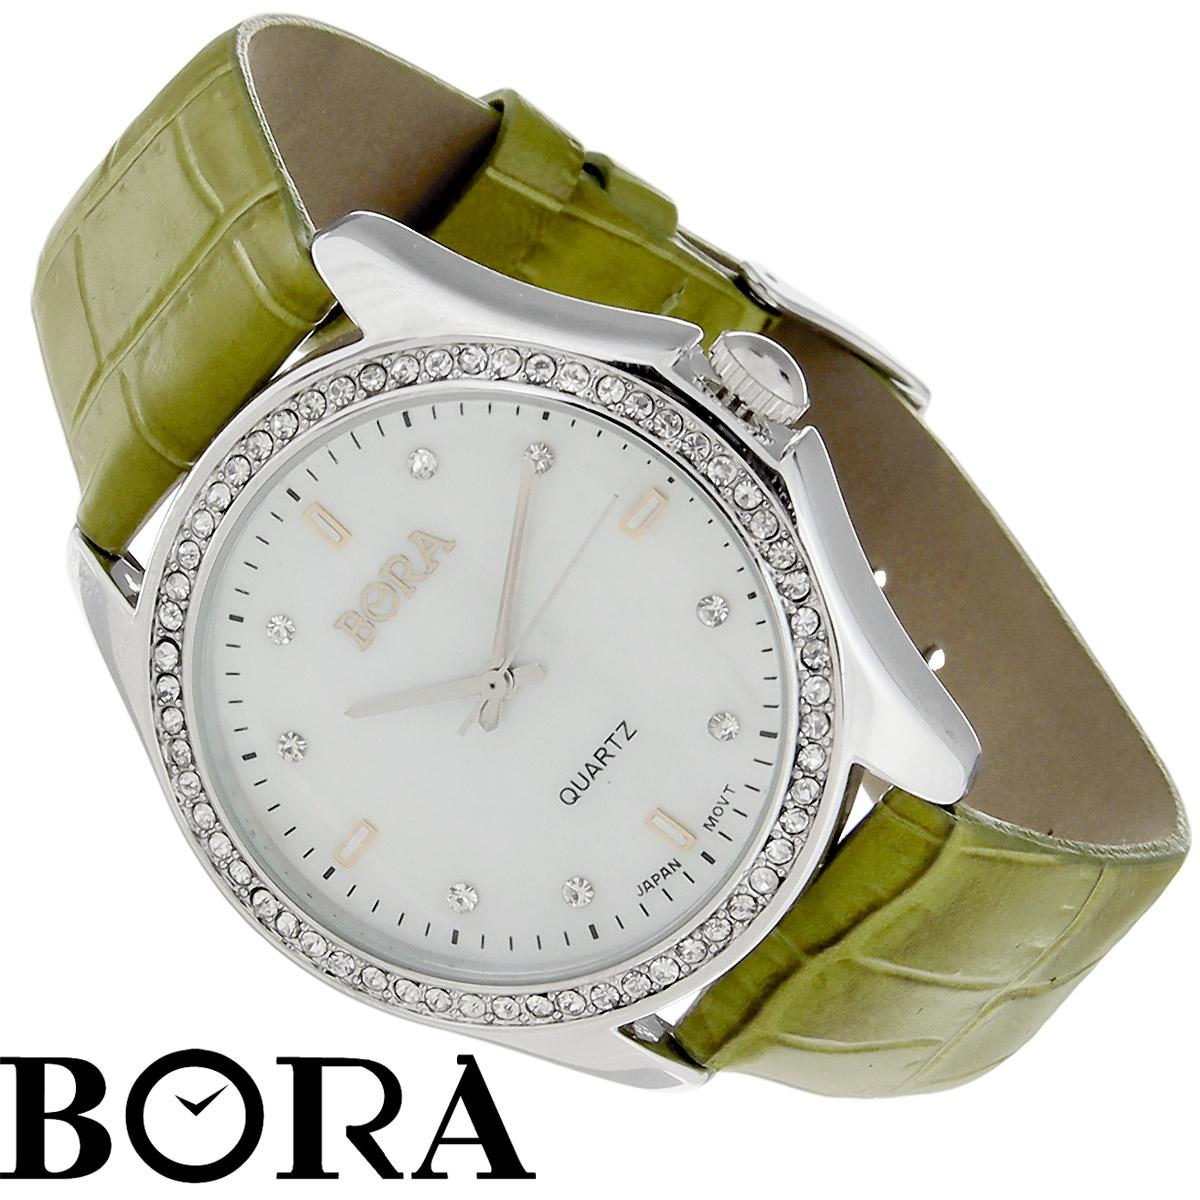 Часы женские наручные Bora, цвет: оливковый, серебристый. T-B-8535T-B-8535-WATCH-SL.OLIVEНаручные женские часы Bora произведены опытными специалистами из материалов самого высокого качества на базе новейших технологий. Часы оснащены японским кварцевым механизмом. Корпус часов выполнен из нержавеющей стали с PVD-покрытием и по контуру циферблата оформлен кристаллами Swarovski. Циферблат из натурального перламутра декорирован накладными знаками и кристаллами Swarovski. Ремешок изготовлен из натуральной кожи с тиснением. Часы Bora придадут вашему образу нотку изысканности и элегантности. Характеристики: Диаметр циферблата: 3 см. Ширина ремешка: 1,6 см. Длина ремешка (с учетом корпуса): 22,5 см. Размер корпуса часов: 3,6 см х 4,1 см х 0,8 см.